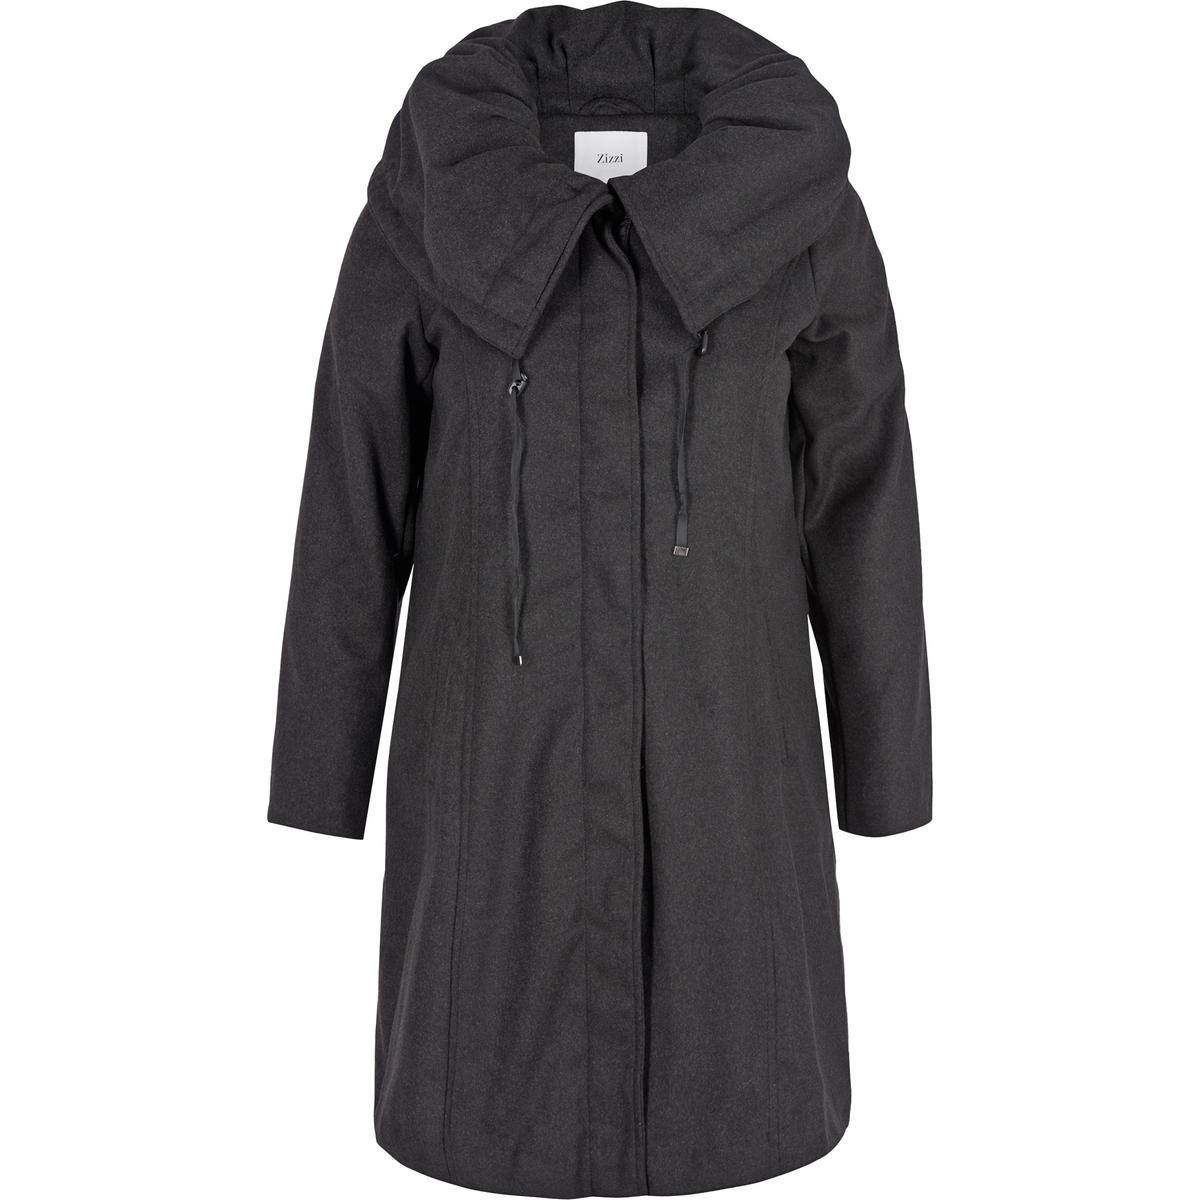 ПальтоКрасивое пальто Zizzi. Косые карманы вдоль боковых швов, что придает пальто простоту и элегантность. Красивый воротник, на подкладке, застежка на скрытую пуговицу.<br><br>Цвет: серый<br>Размер: 42/44 (FR) - 48/50 (RUS)